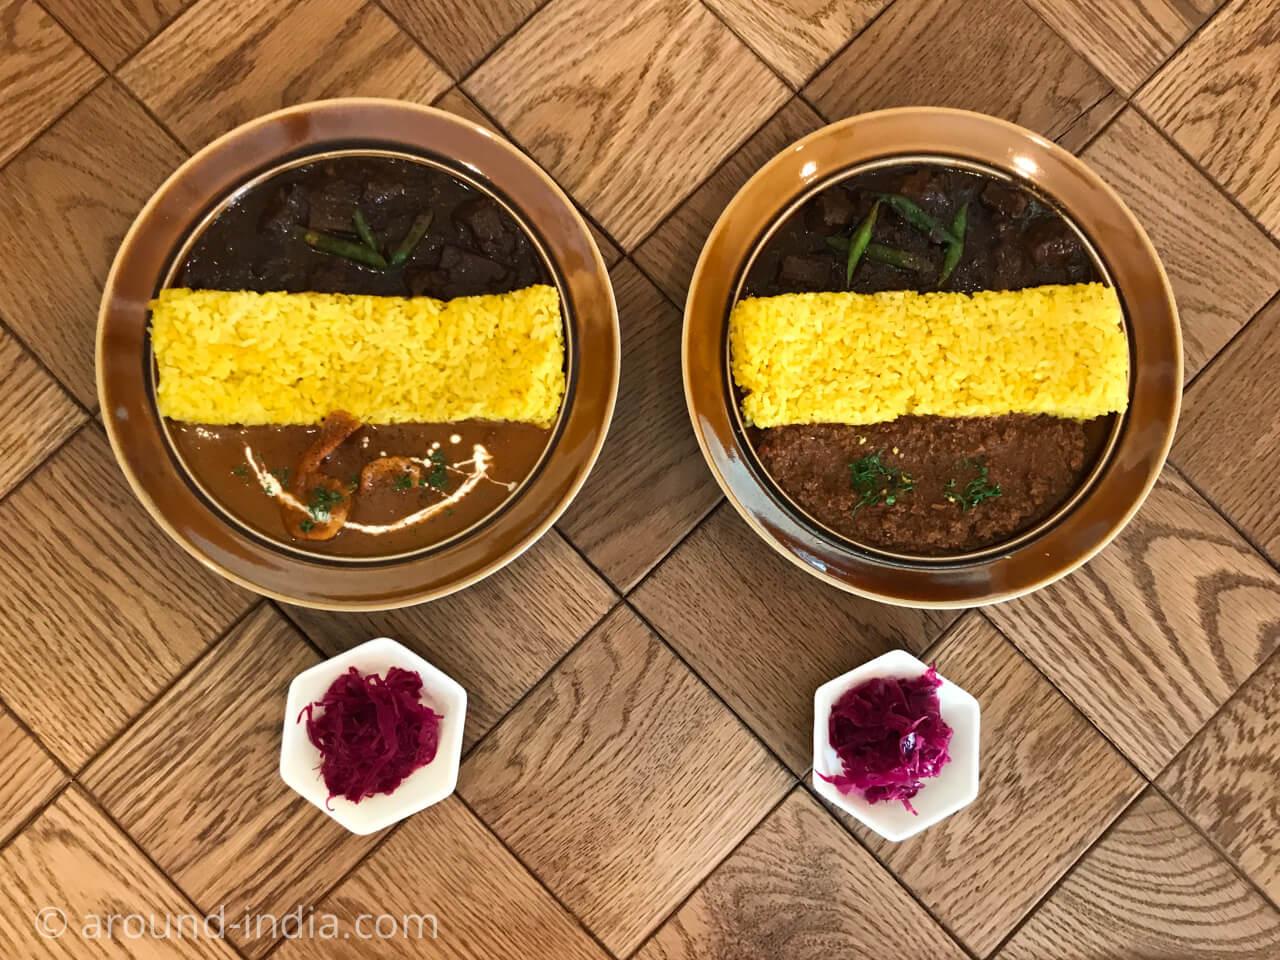 鎌倉のzushi curry 2種盛り